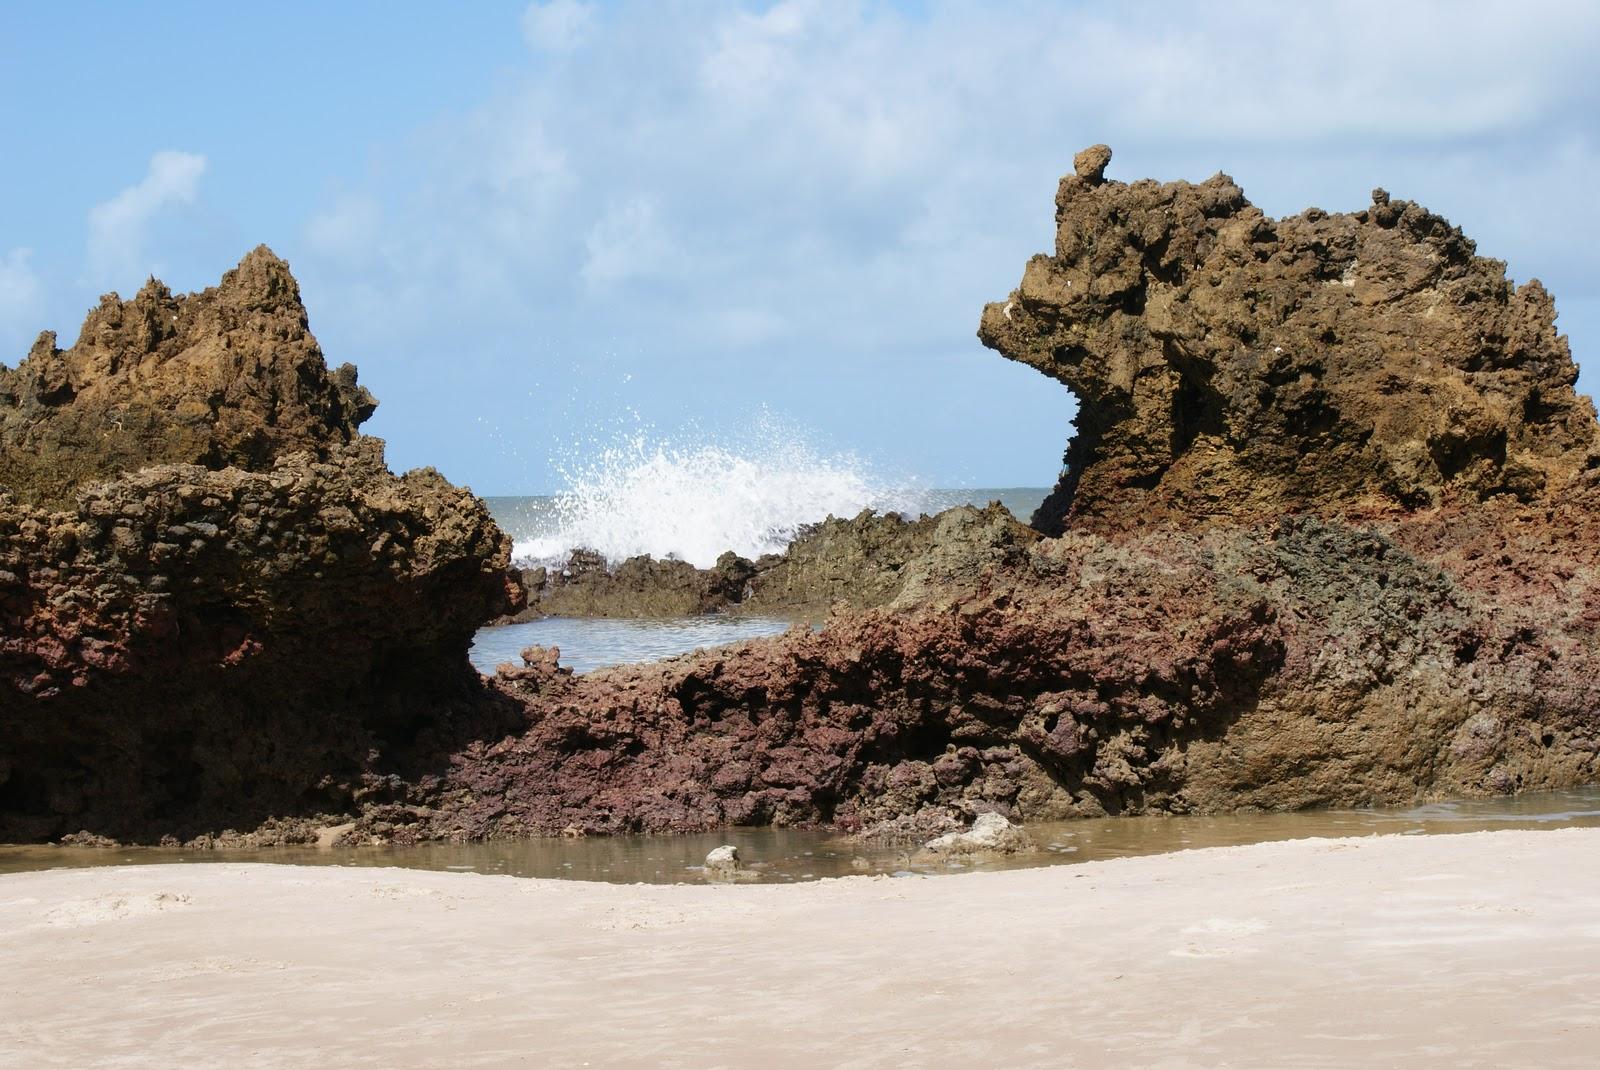 Tambaba   Tambaba beach, City of Tambaba, PB - Brazil